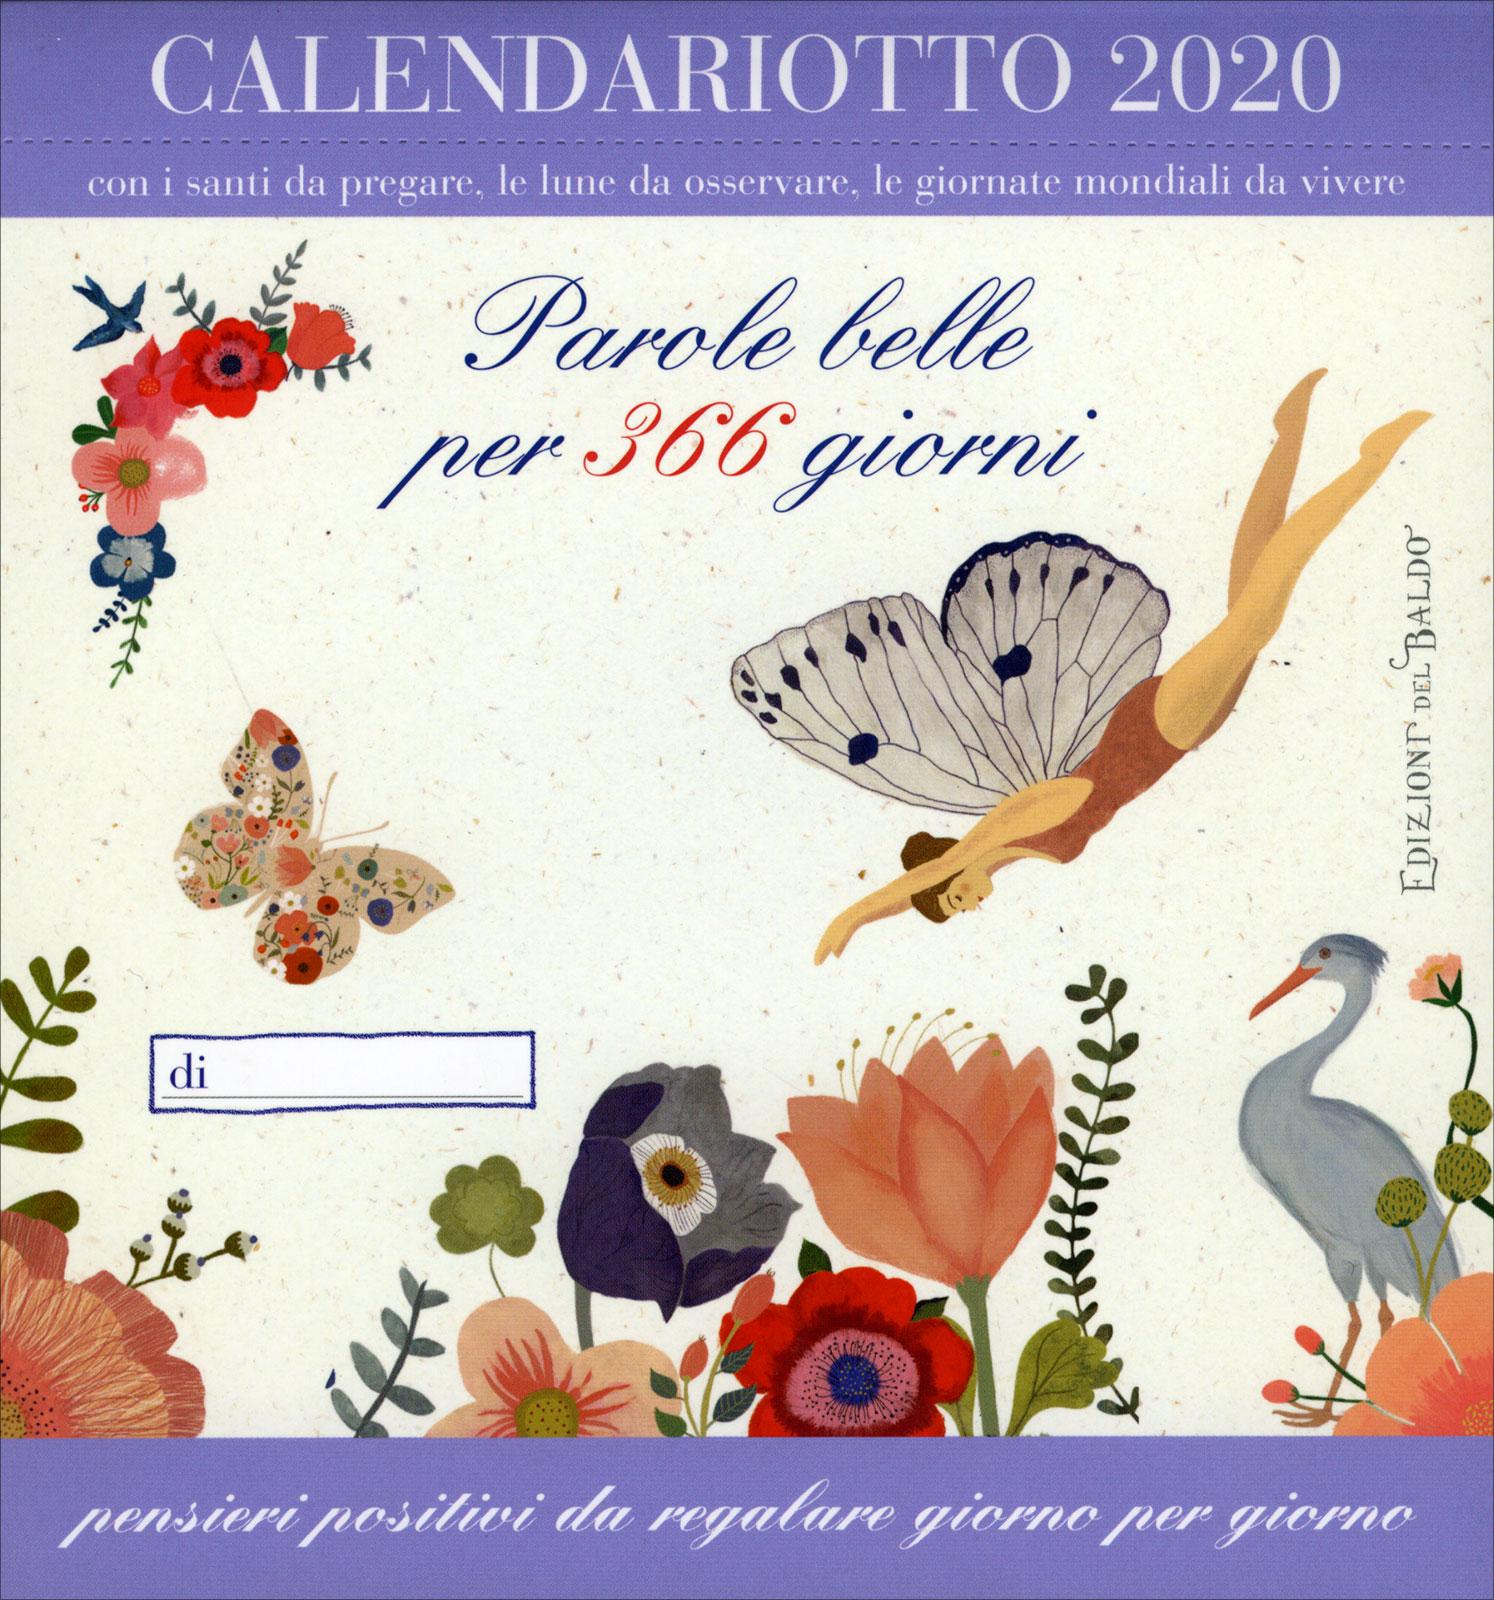 Calendario Santi Ottobre 2020.Calendario 2020 Parole Belle Per 365 Giorni